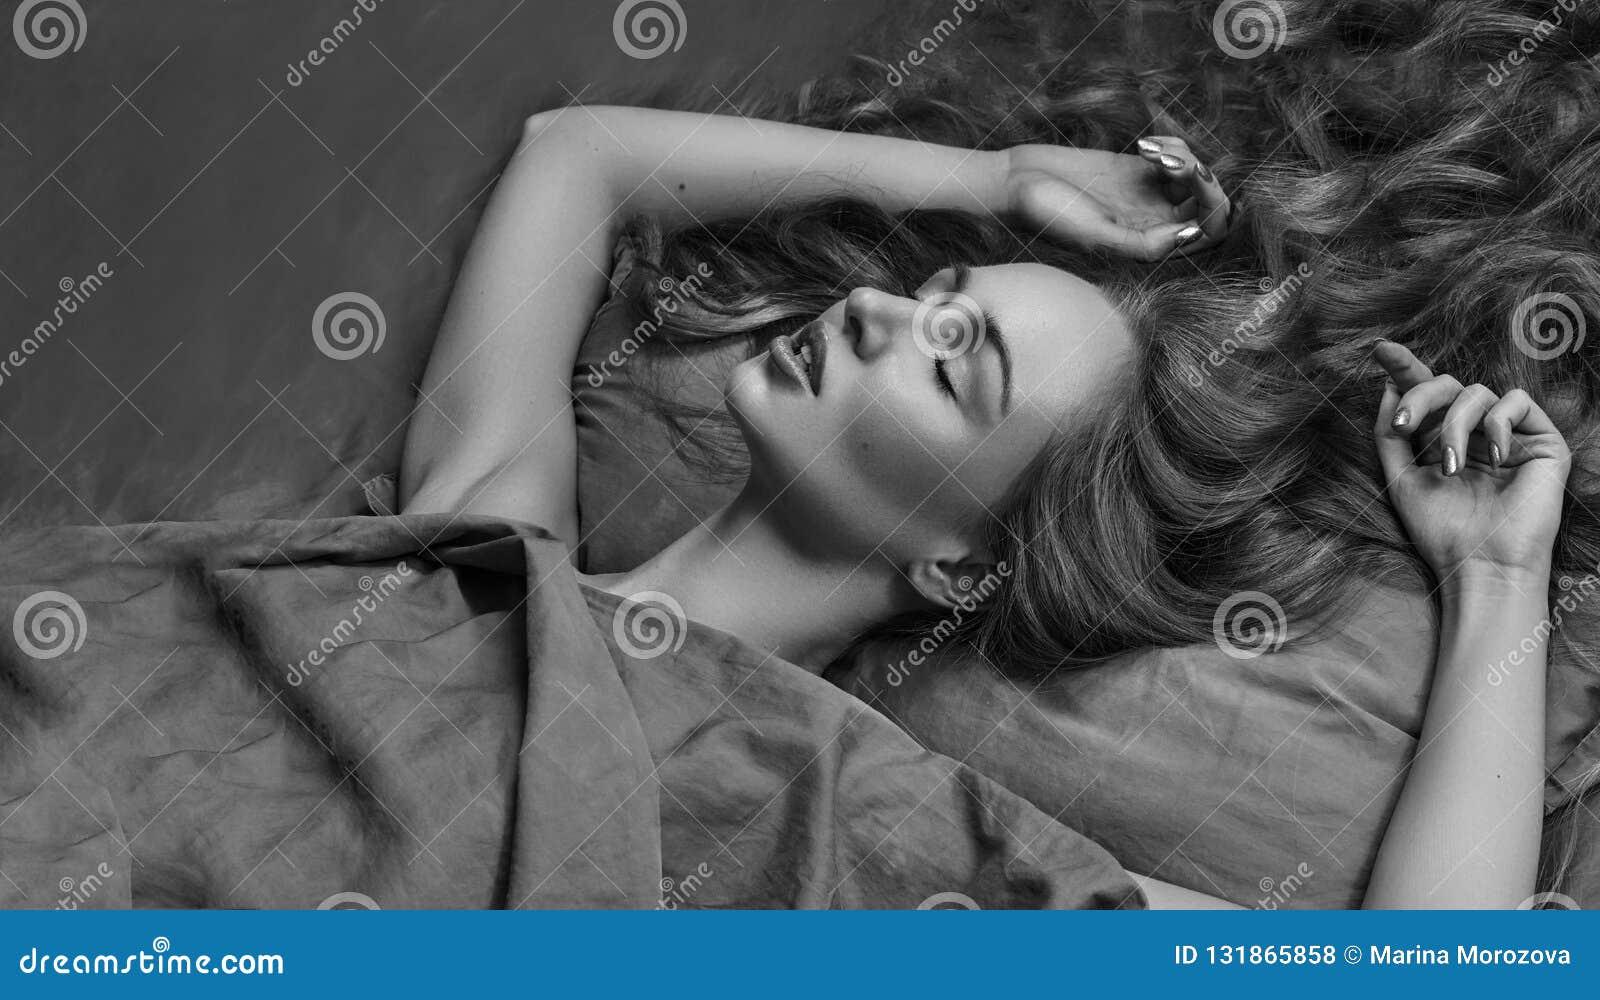 Piękny kobiety dosypianie podczas gdy kłamający w łóżku z wygodą słodki sen model z kędzierzawym włosy relaksuje na prześcieradła